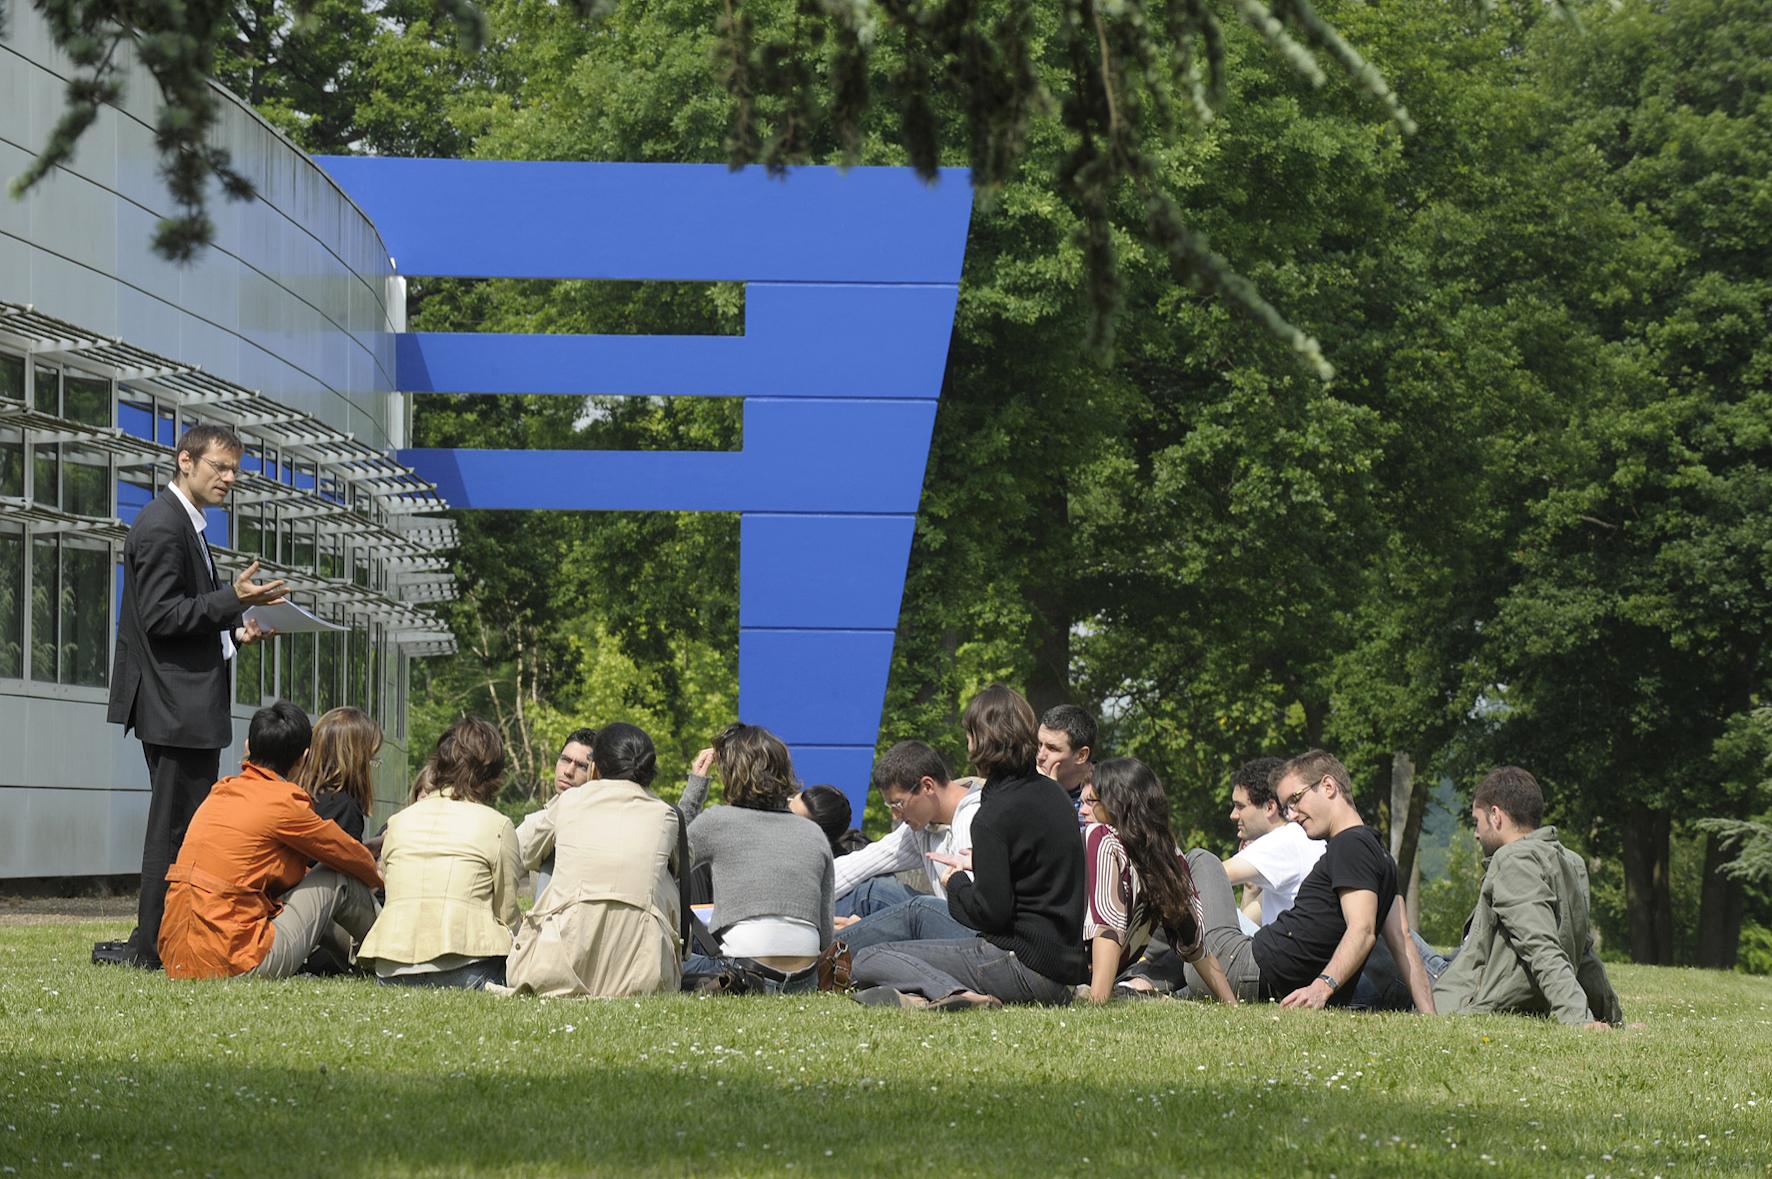 Etudiants campus HEC Paris